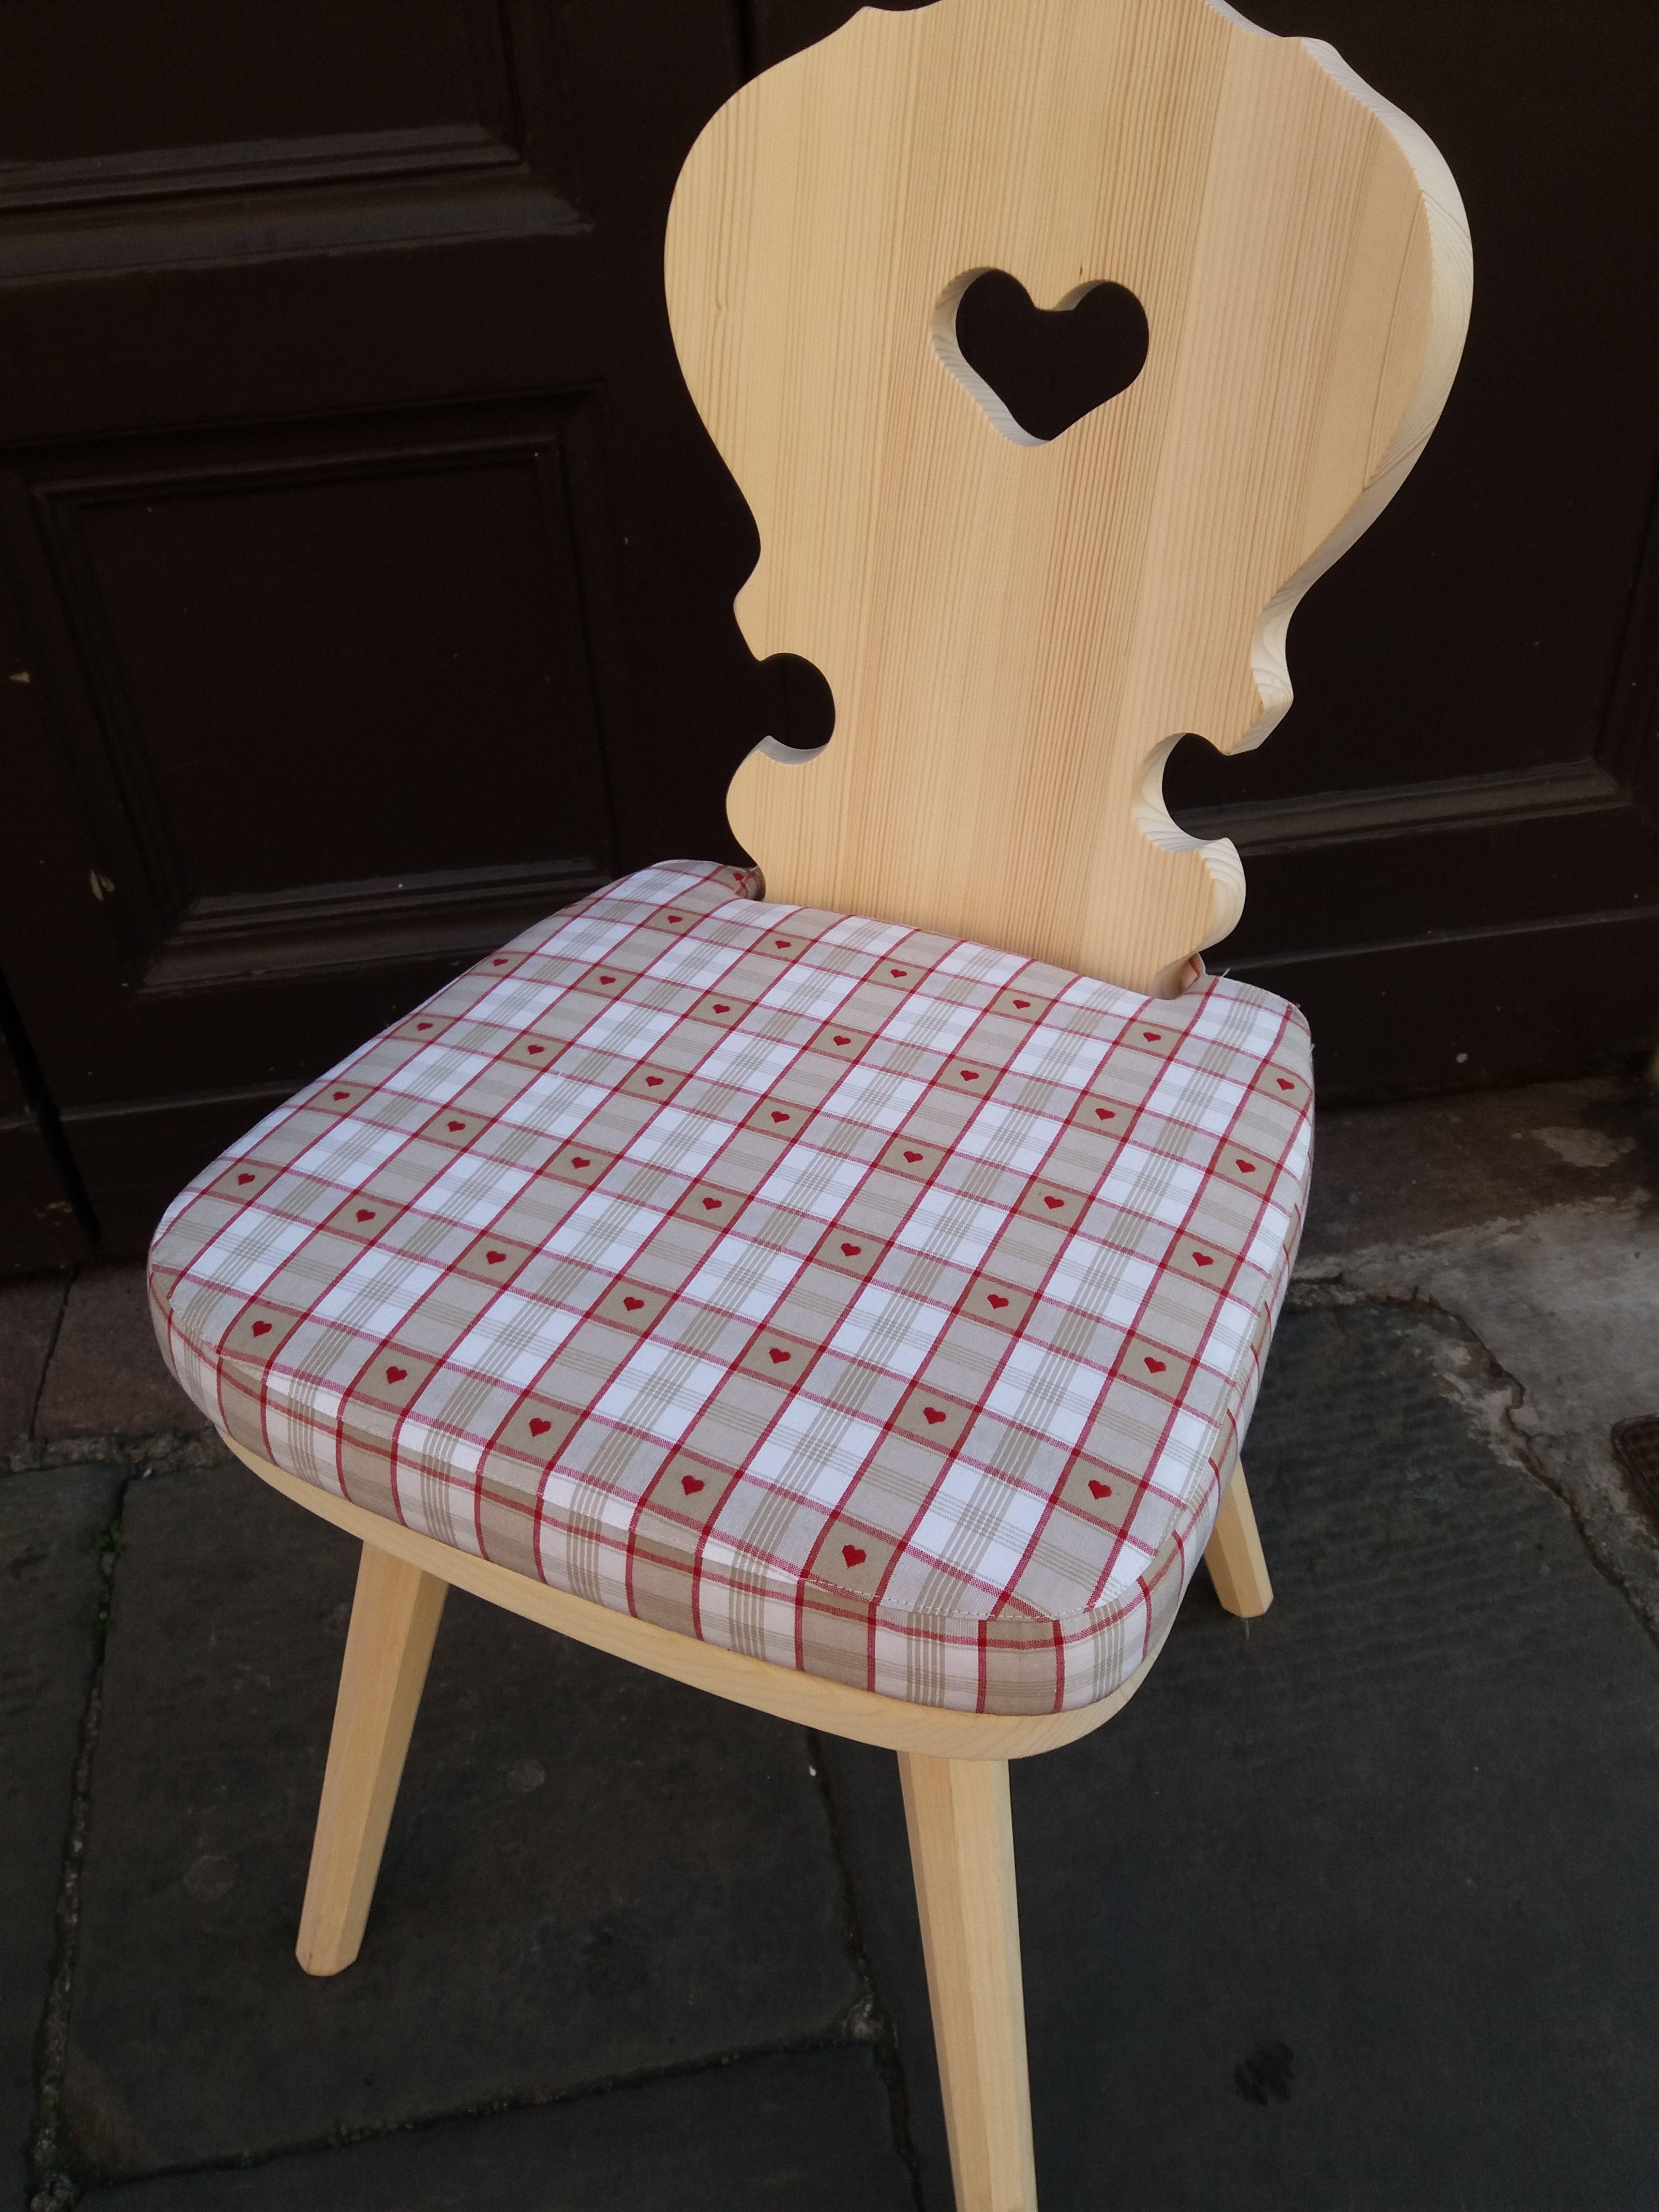 Artigianato da cucito progetti di cucito fodere delle sedie da pranzo cuscini per sedia sedie da cucina poltrone da club idee per il fai da te fai da te e hobby buone idee. Do An Experiment Judgment Bully Cuscini Per Sedie Sagomati Meghahamal Com